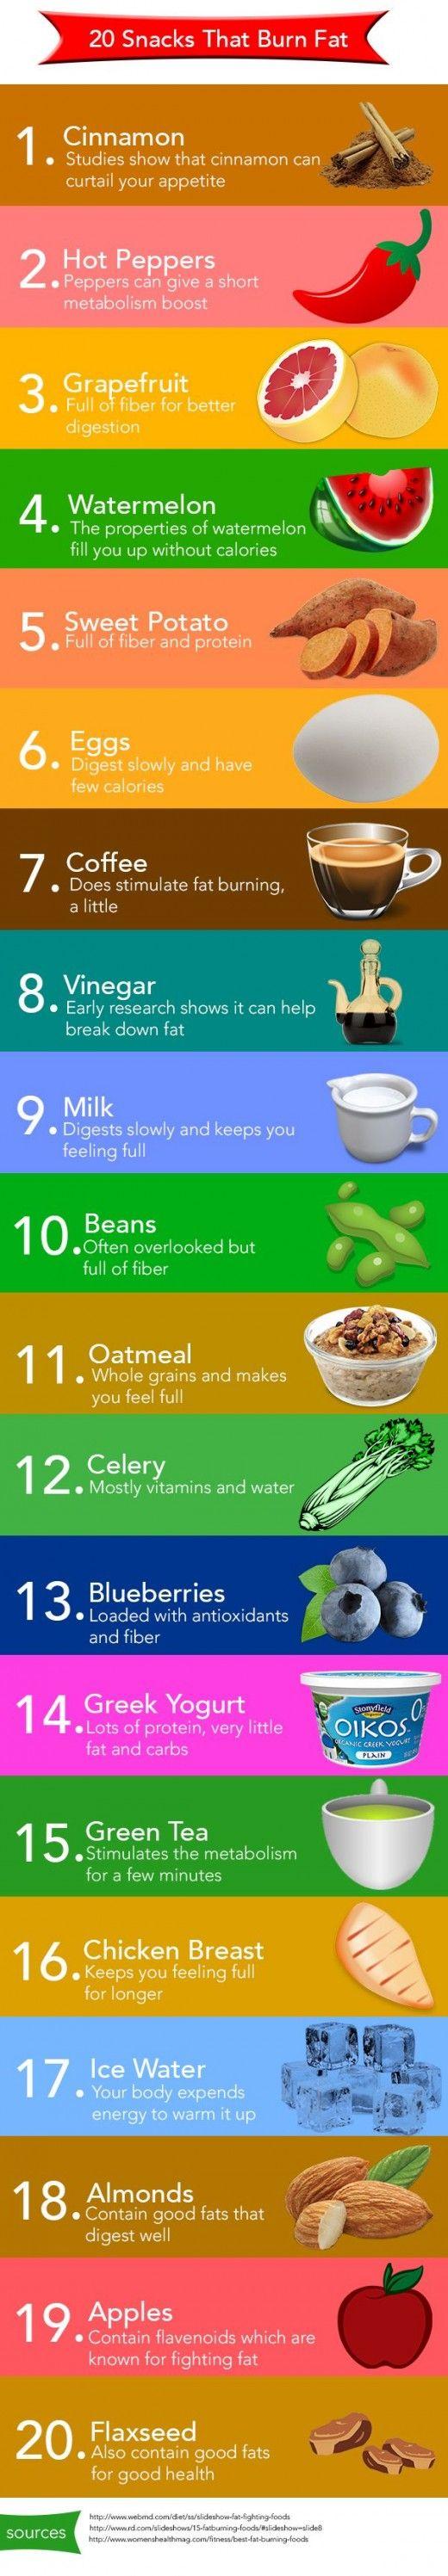 20 fat burning snacks